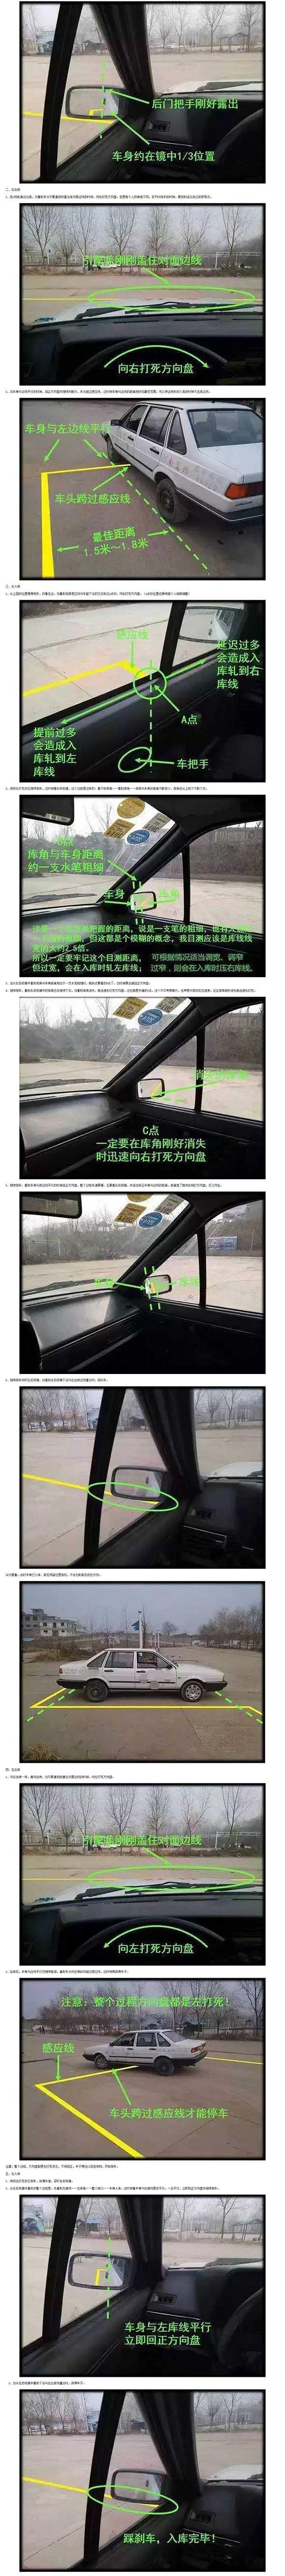 图解最新右后视镜倒车入库法 比左后视镜还简单_科目二